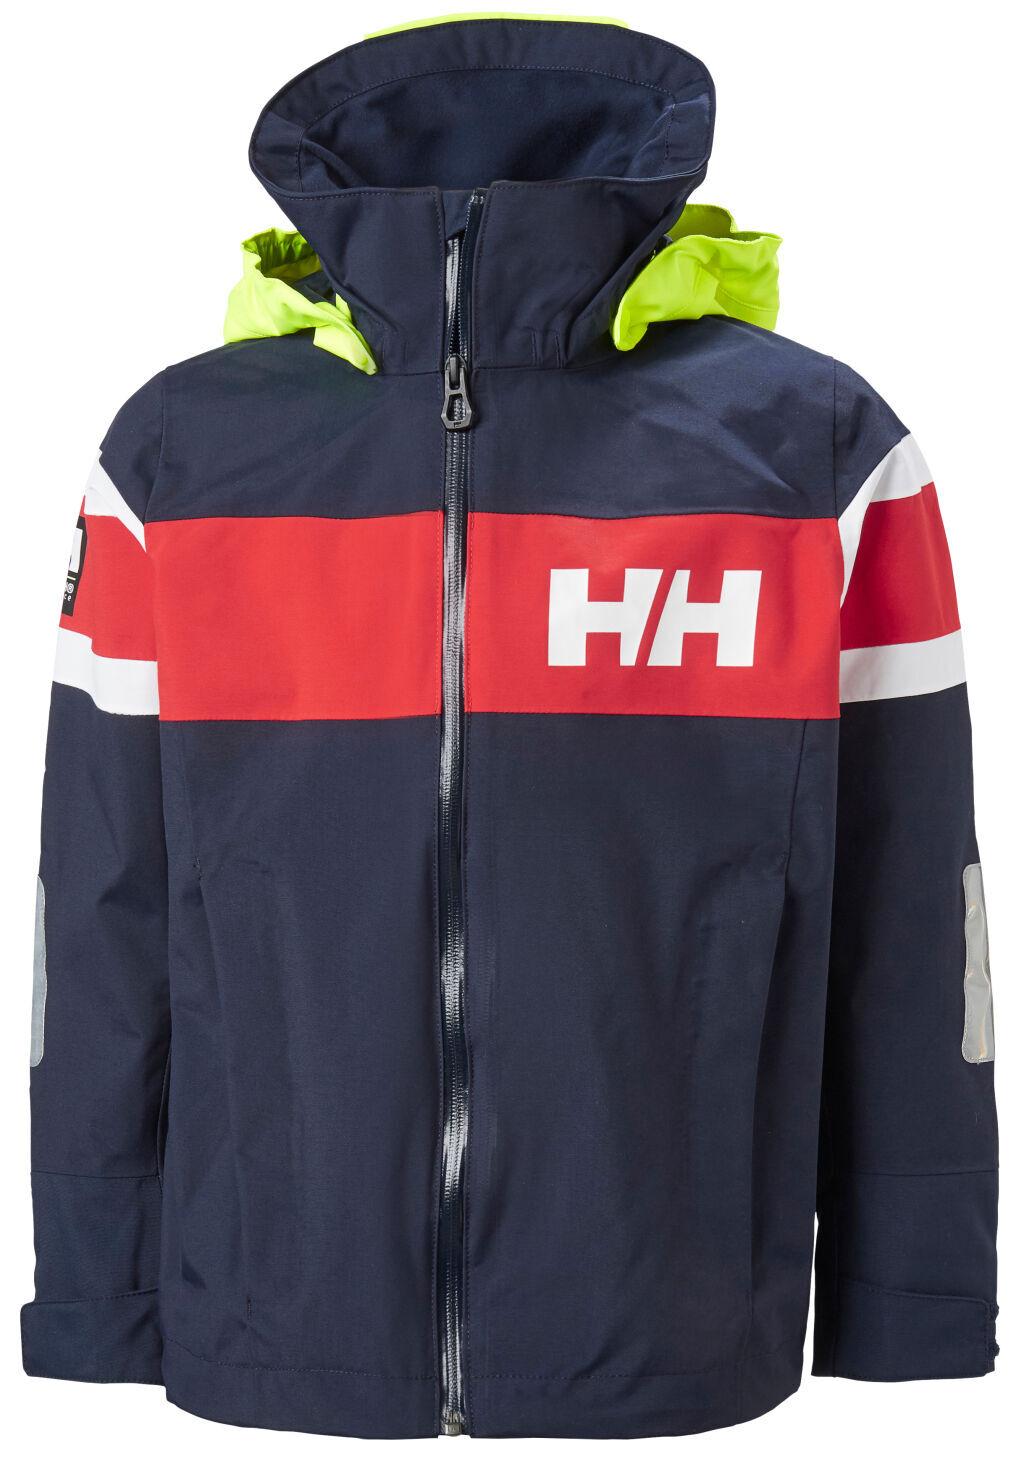 Image of Helly Hansen Salt 2 jacket jrKuoritakki